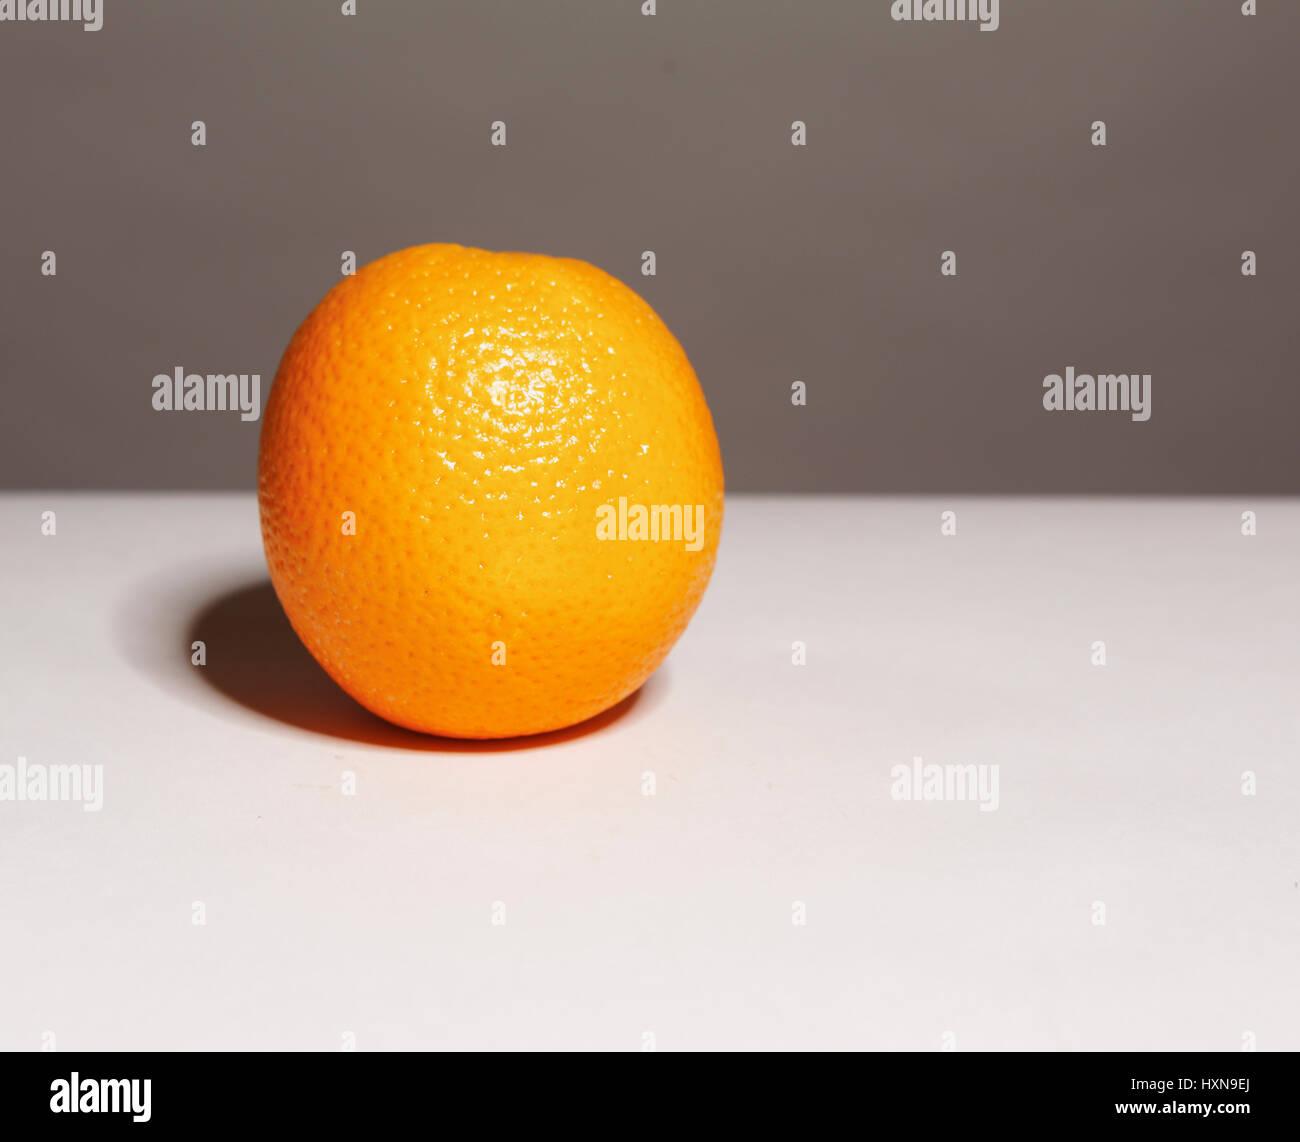 Single whole Orange shot on two tone grey background with shadow - Stock Image